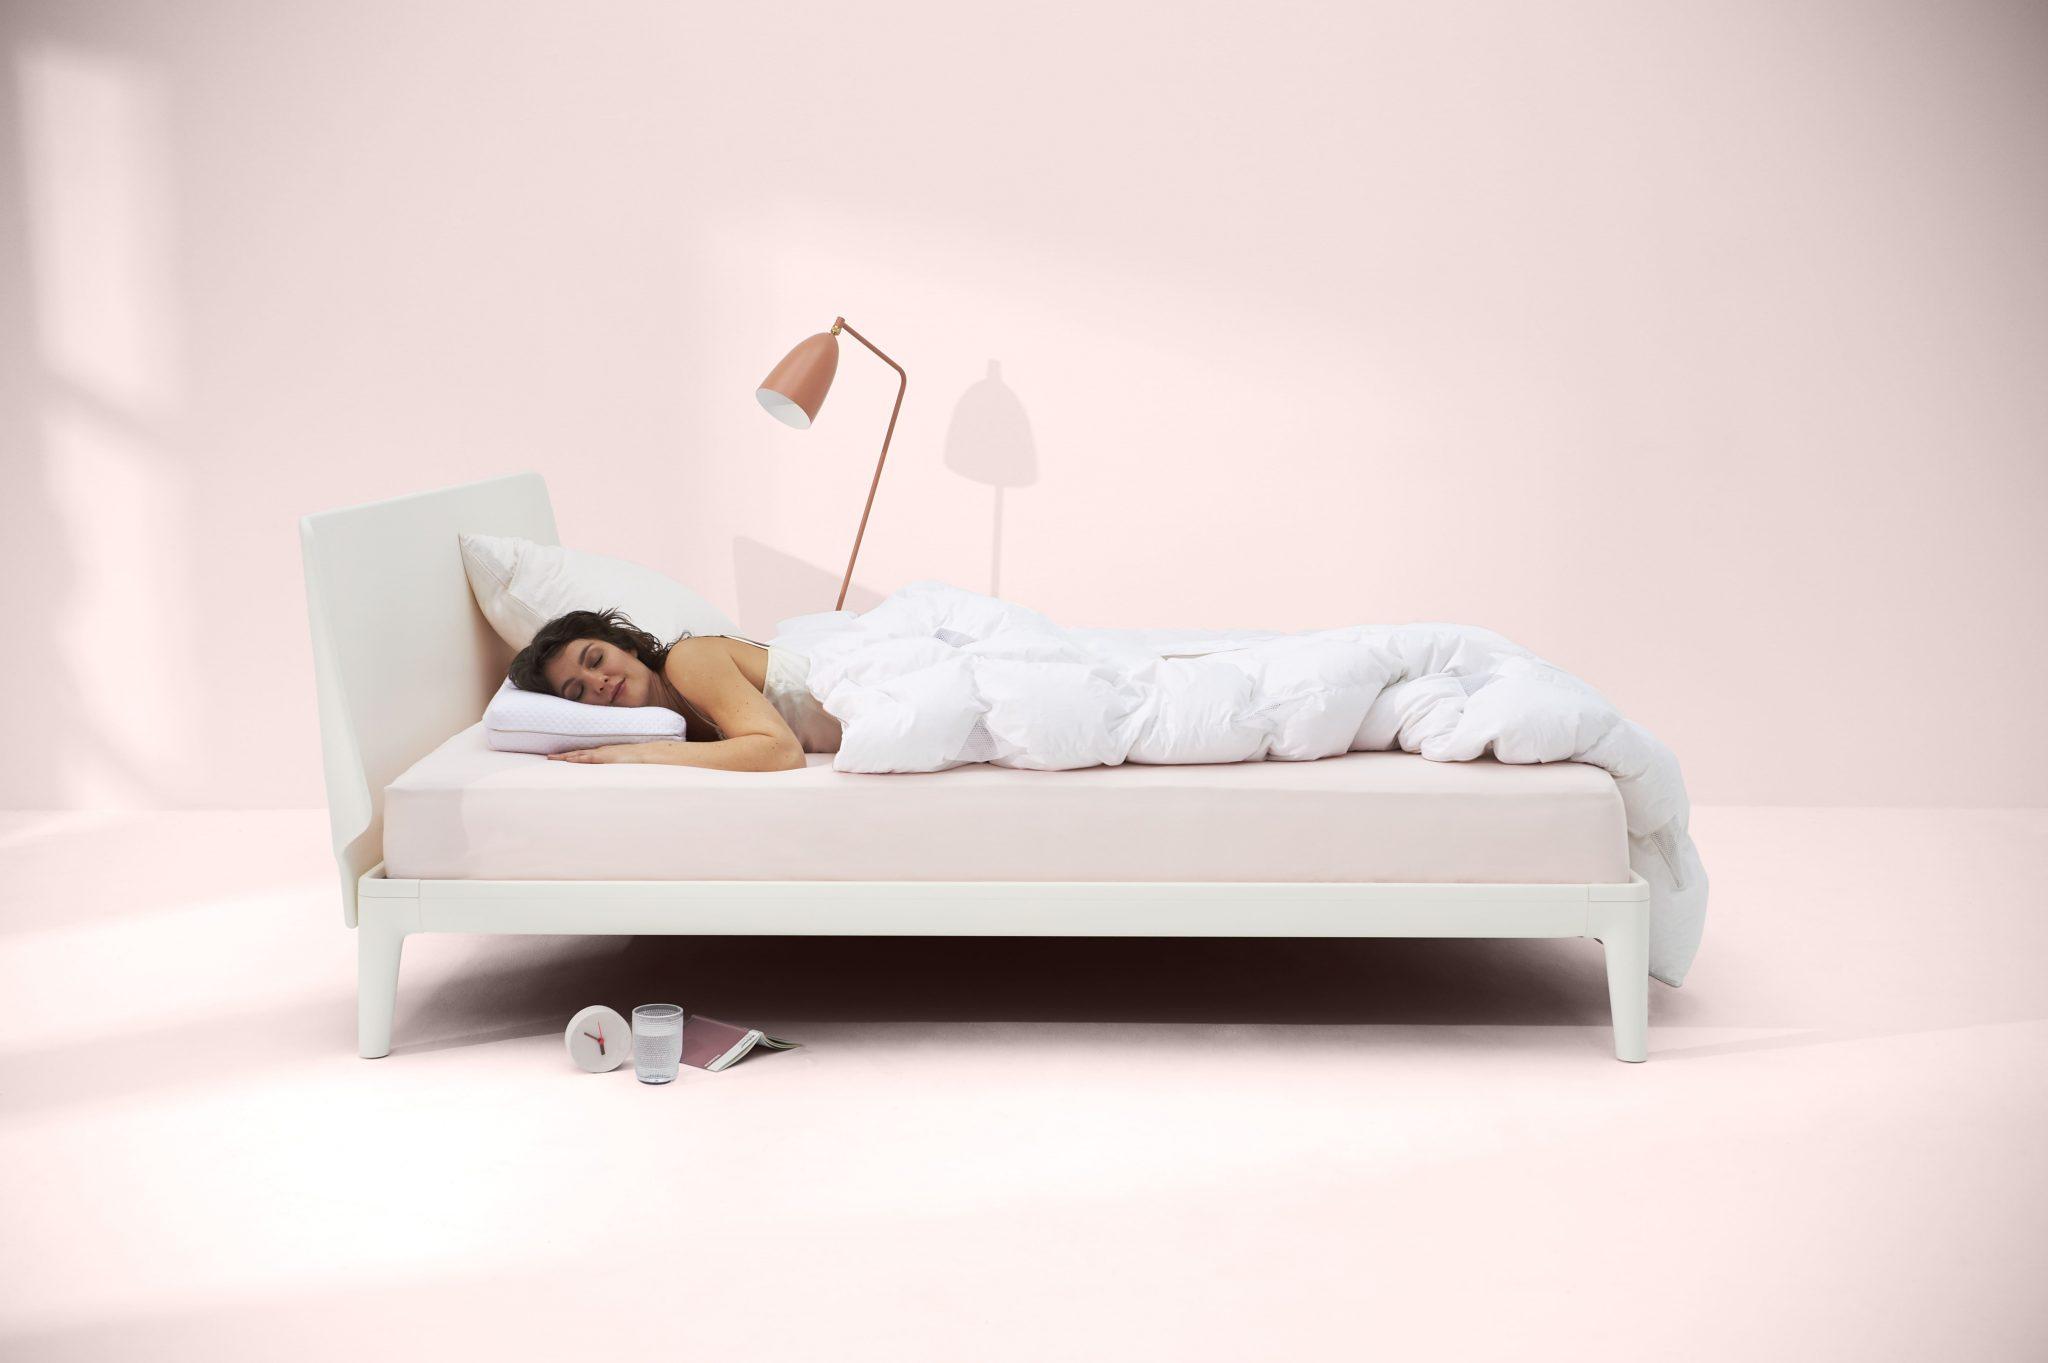 Wie entsteht schimmel im schlafzimmer bilder modern schlafzimmer traum bettw sche allergie - Schimmel im schlafzimmer entfernen ...